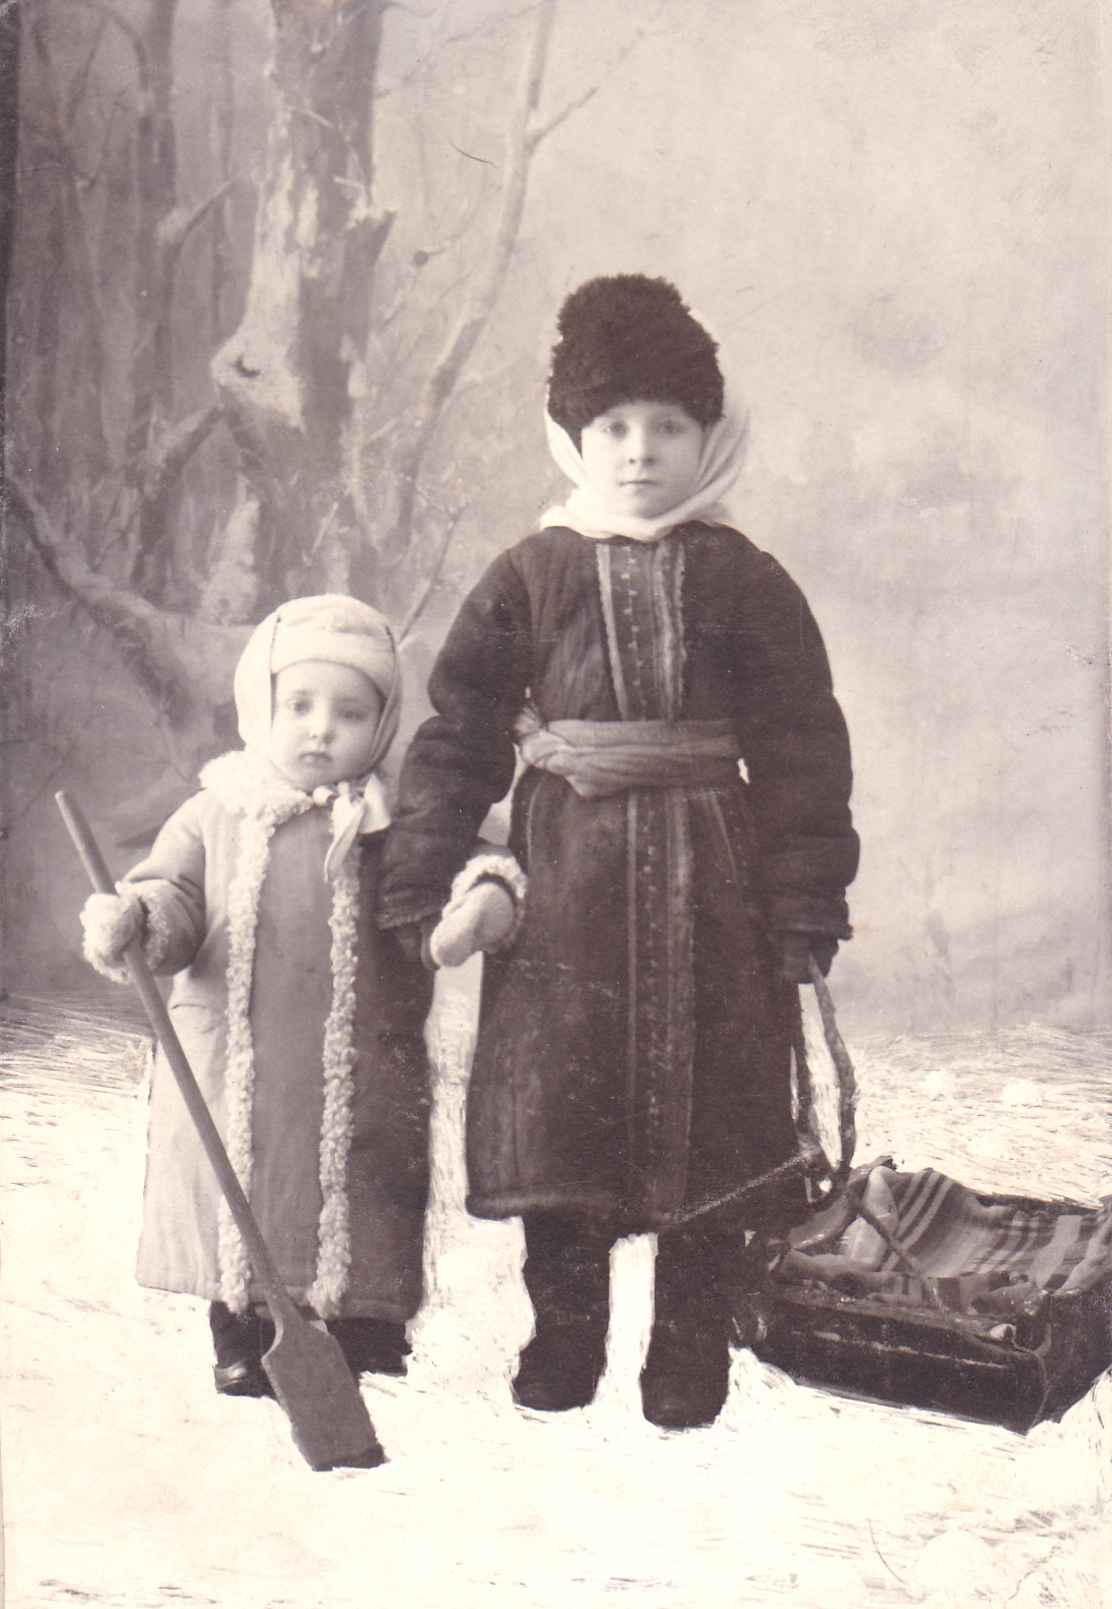 Экспонат #3. Братья Микоши — Владислав и Юлий. Саратов. 1911 год